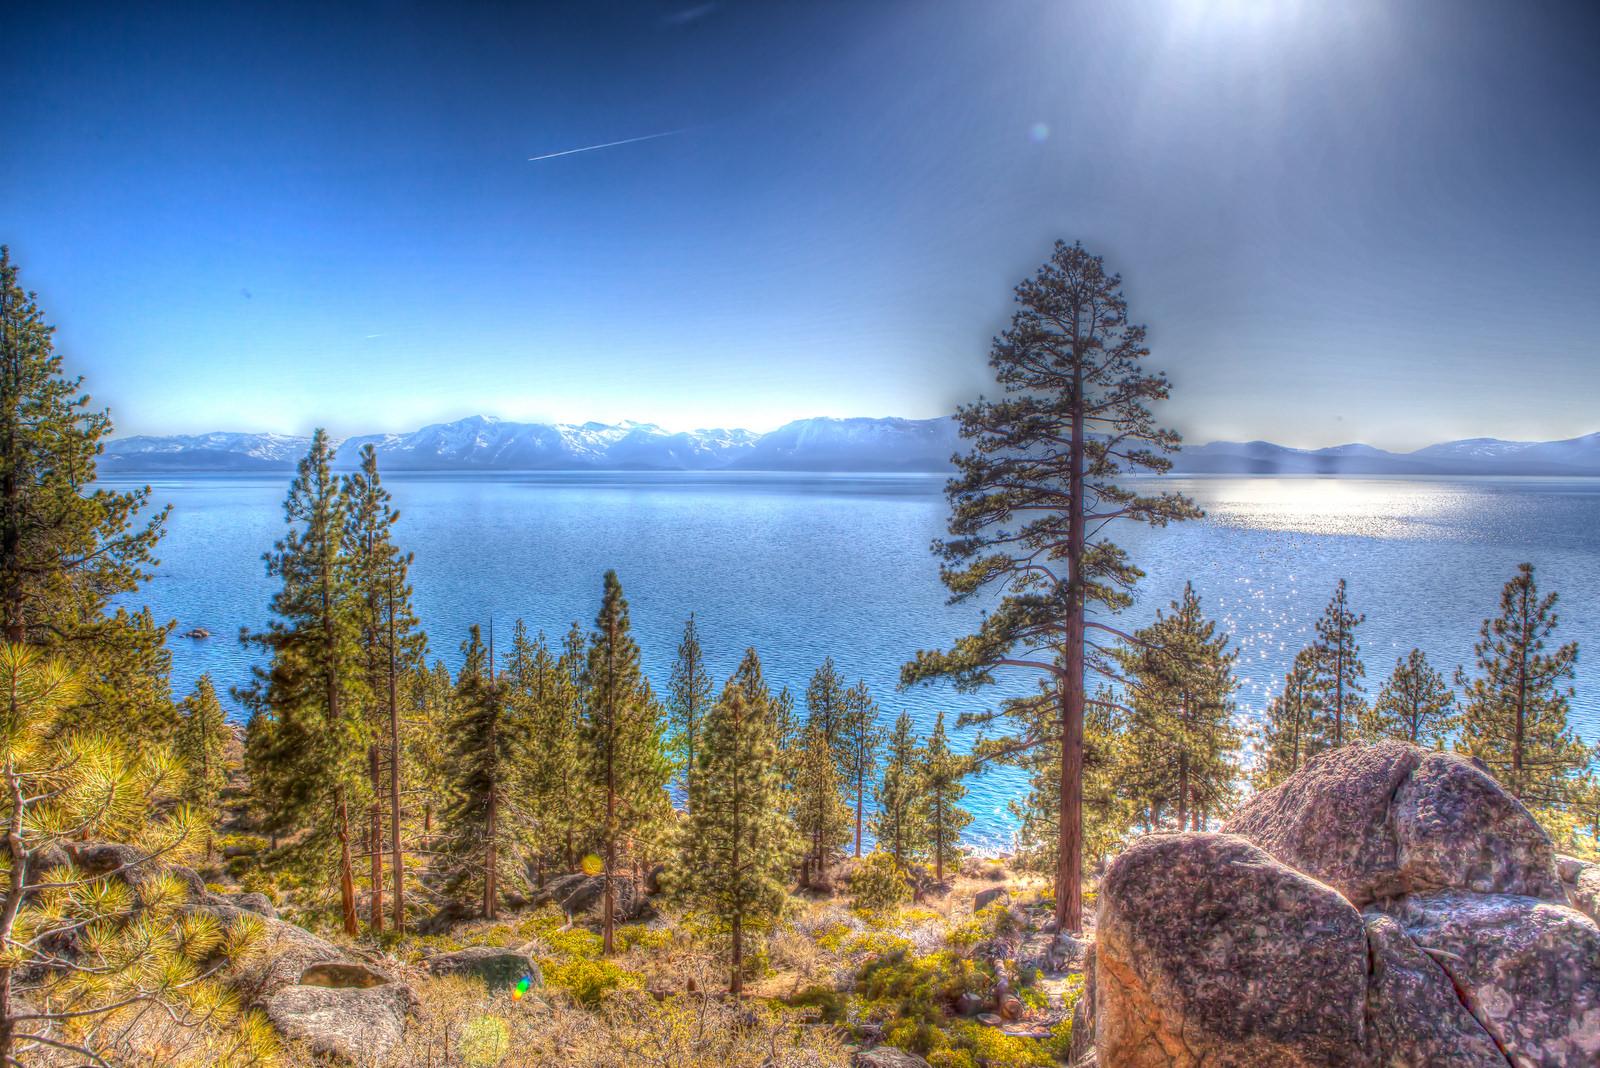 Photo Sphere of Lake Tahoe